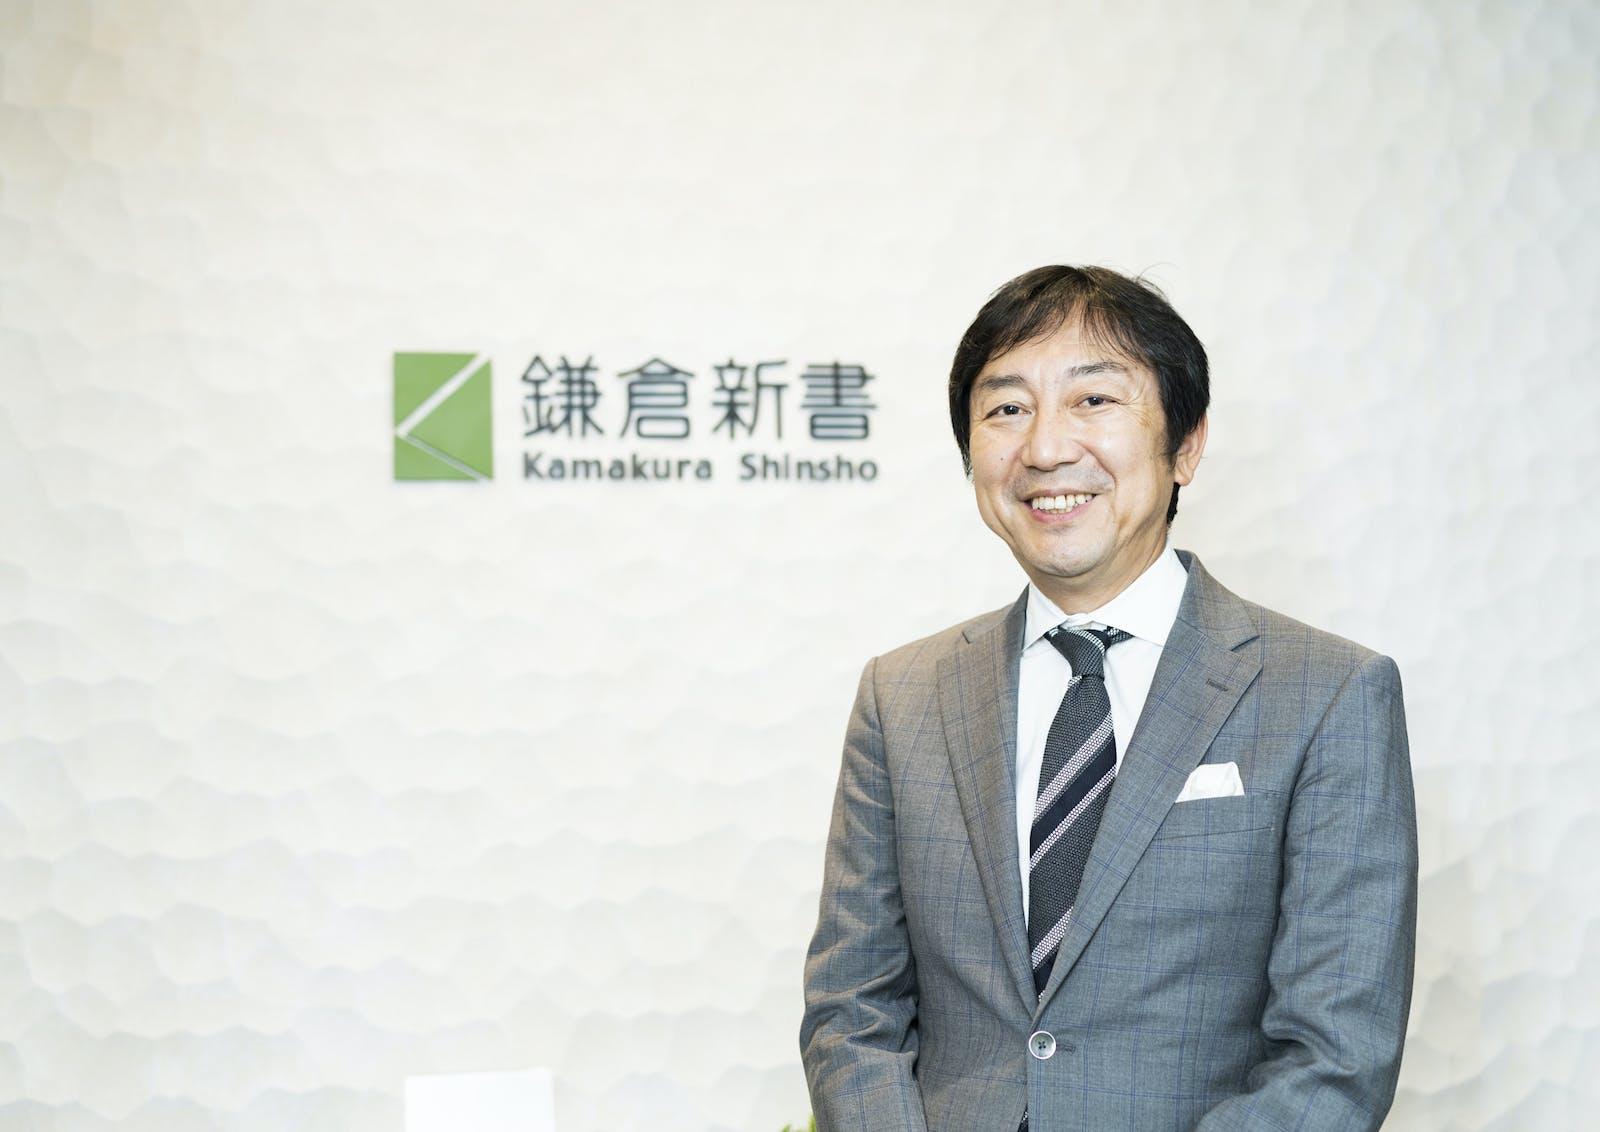 株式会社鎌倉新書のアイキャッチ画像